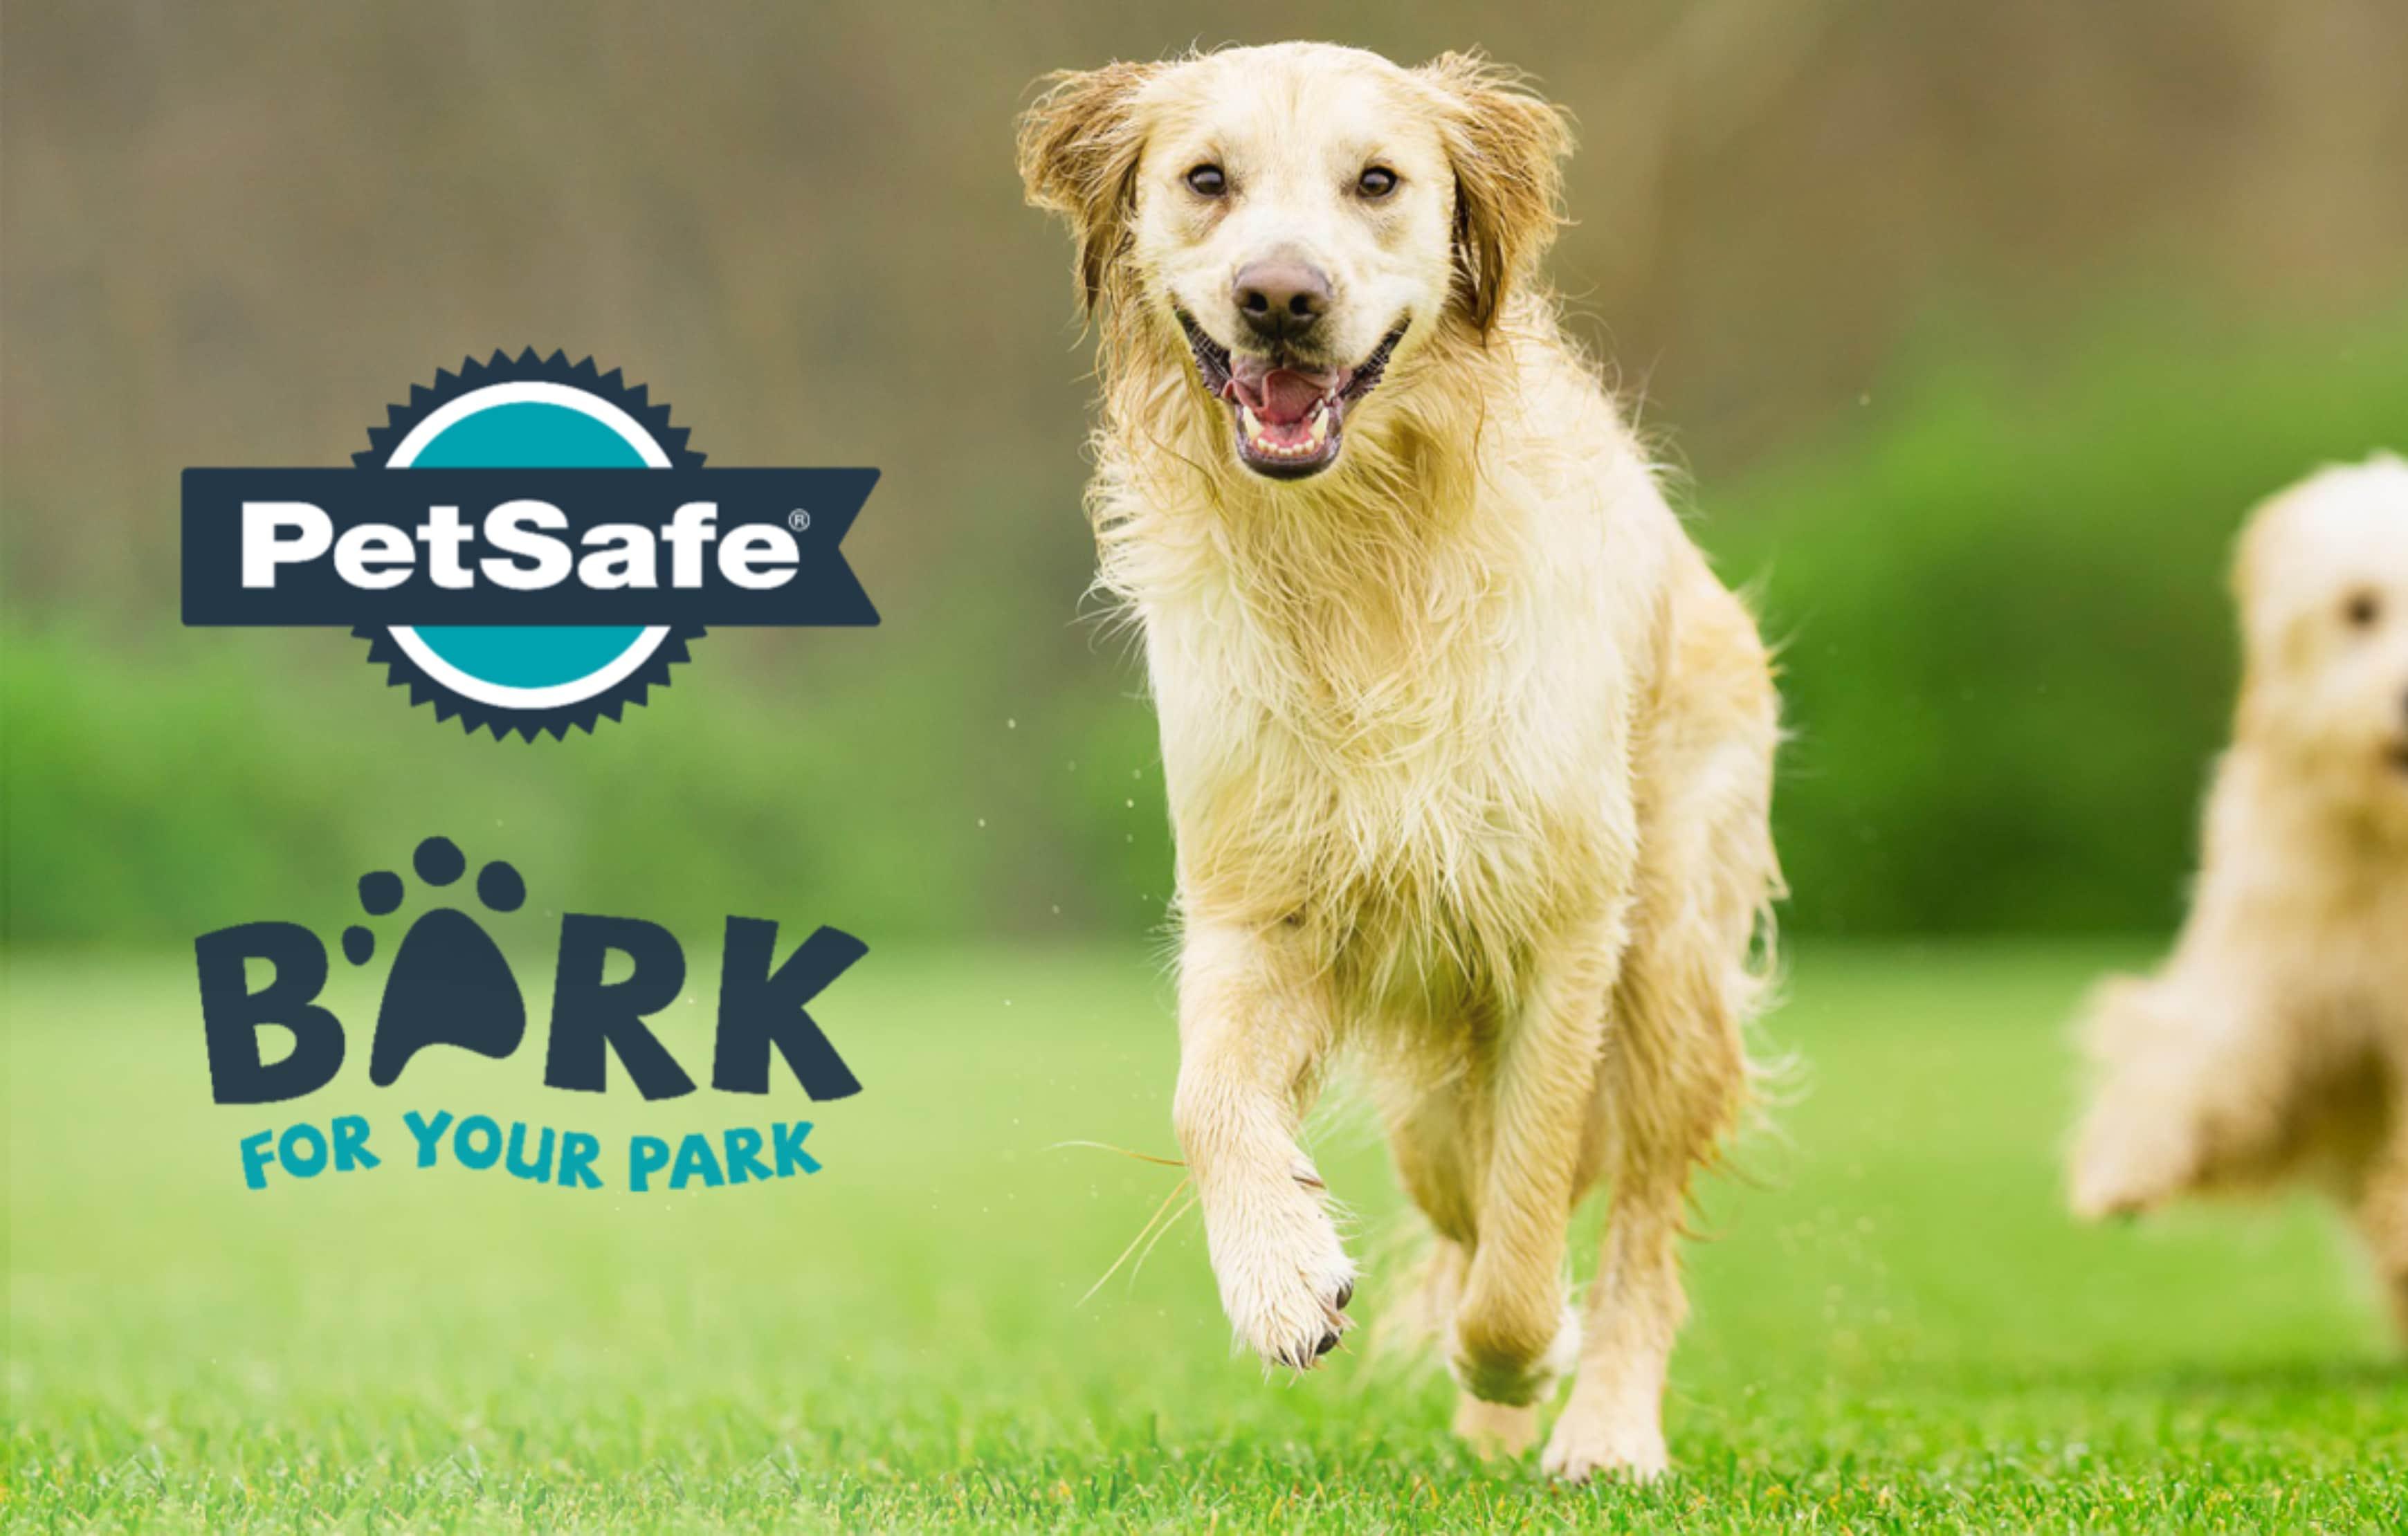 pet safe banner